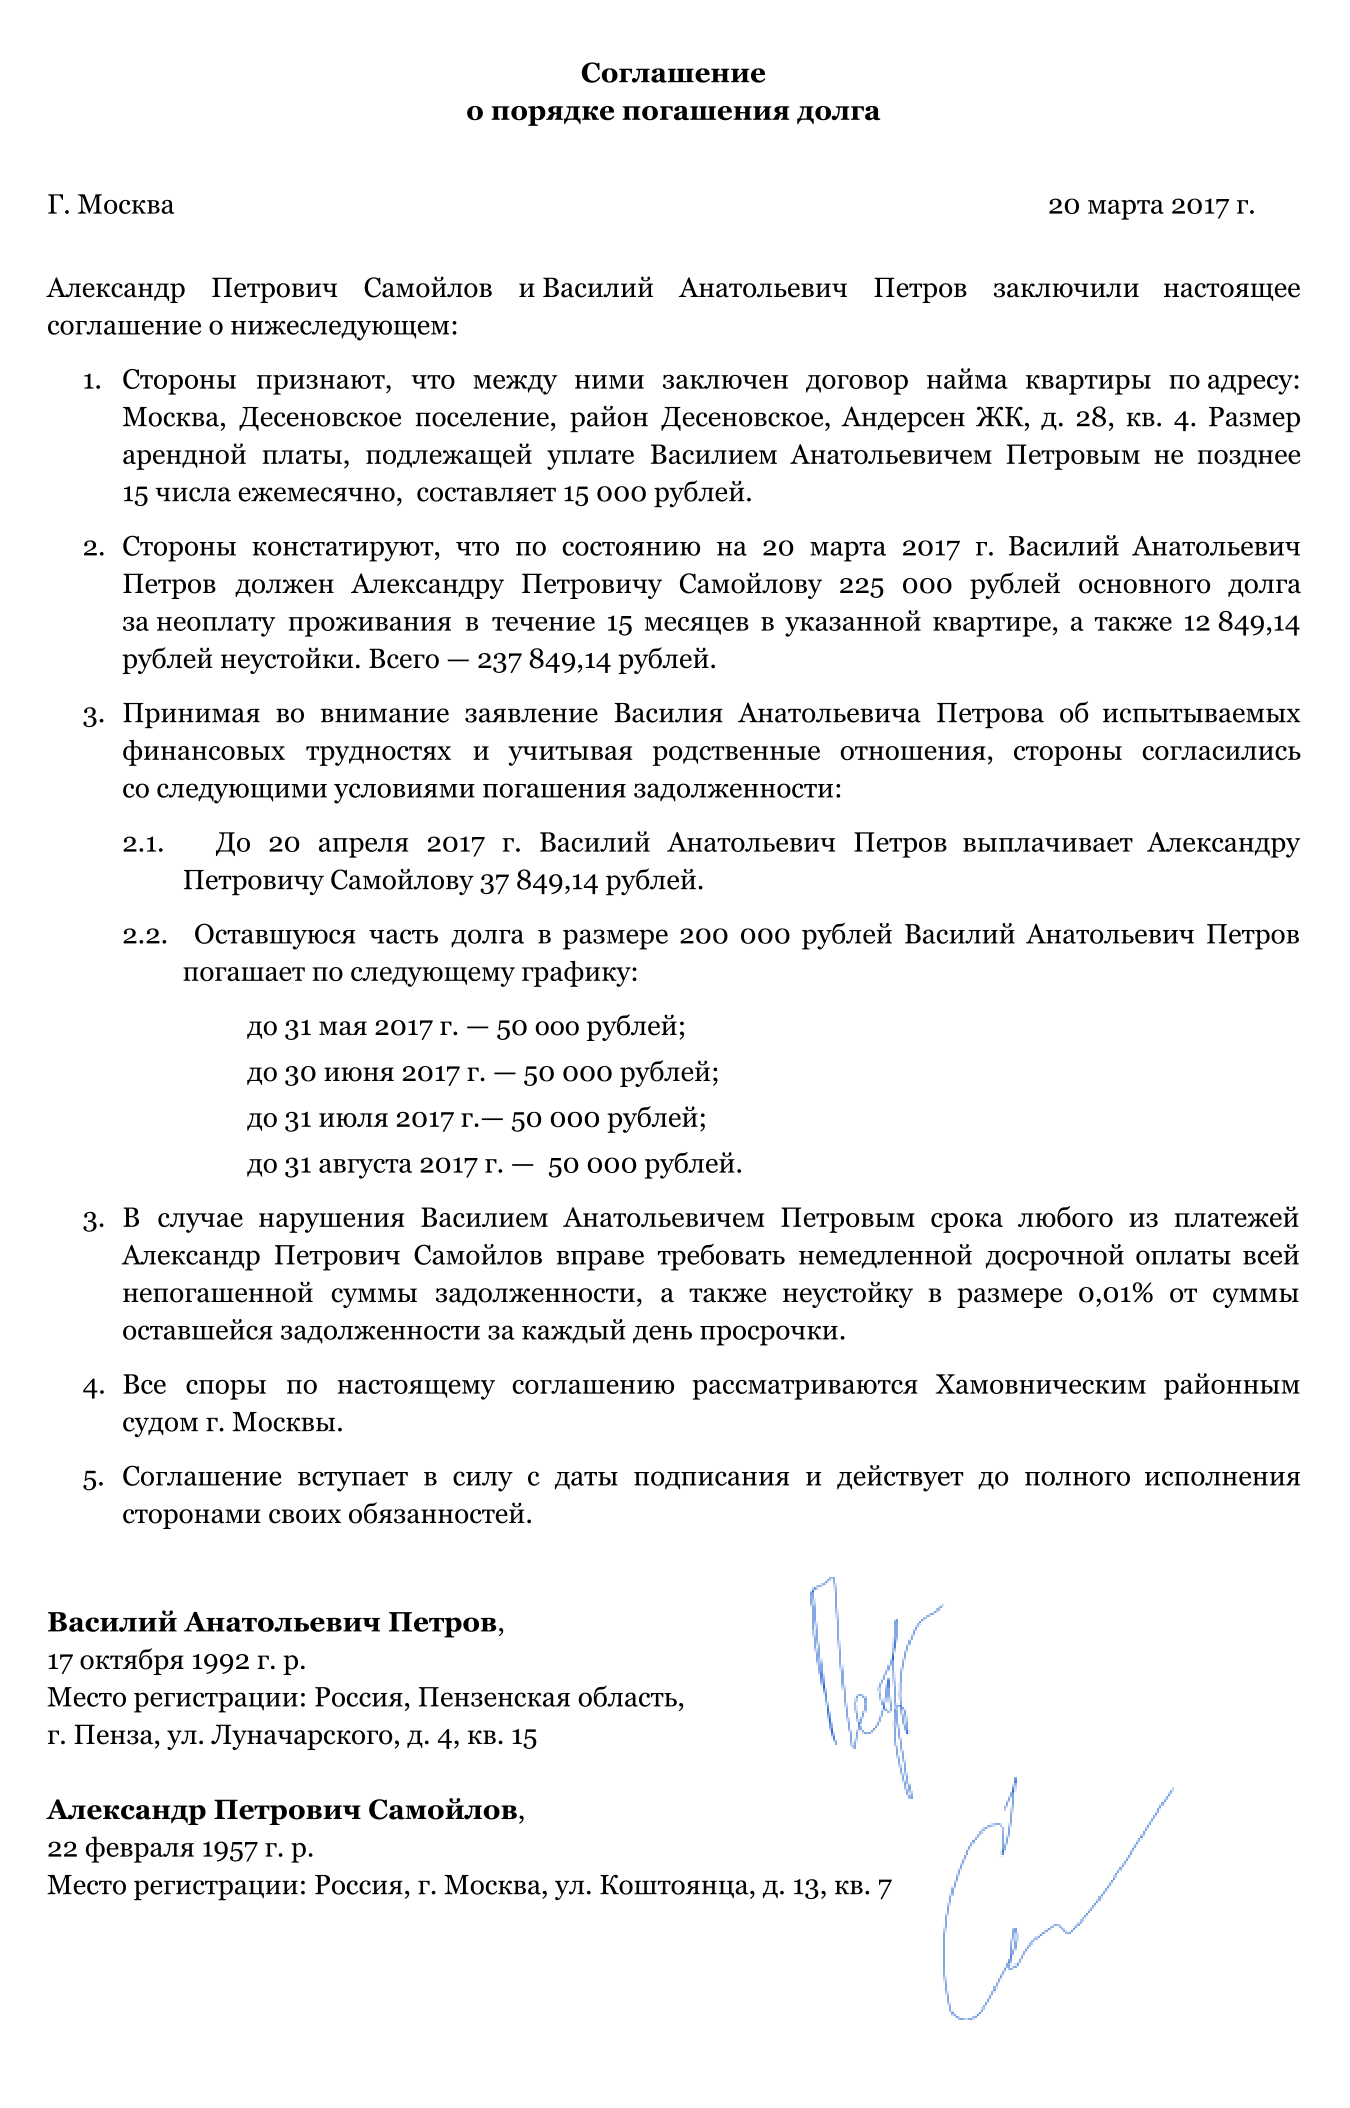 Соглашение, на основании которого будет разрешаться спор Александра Петровича и Васи